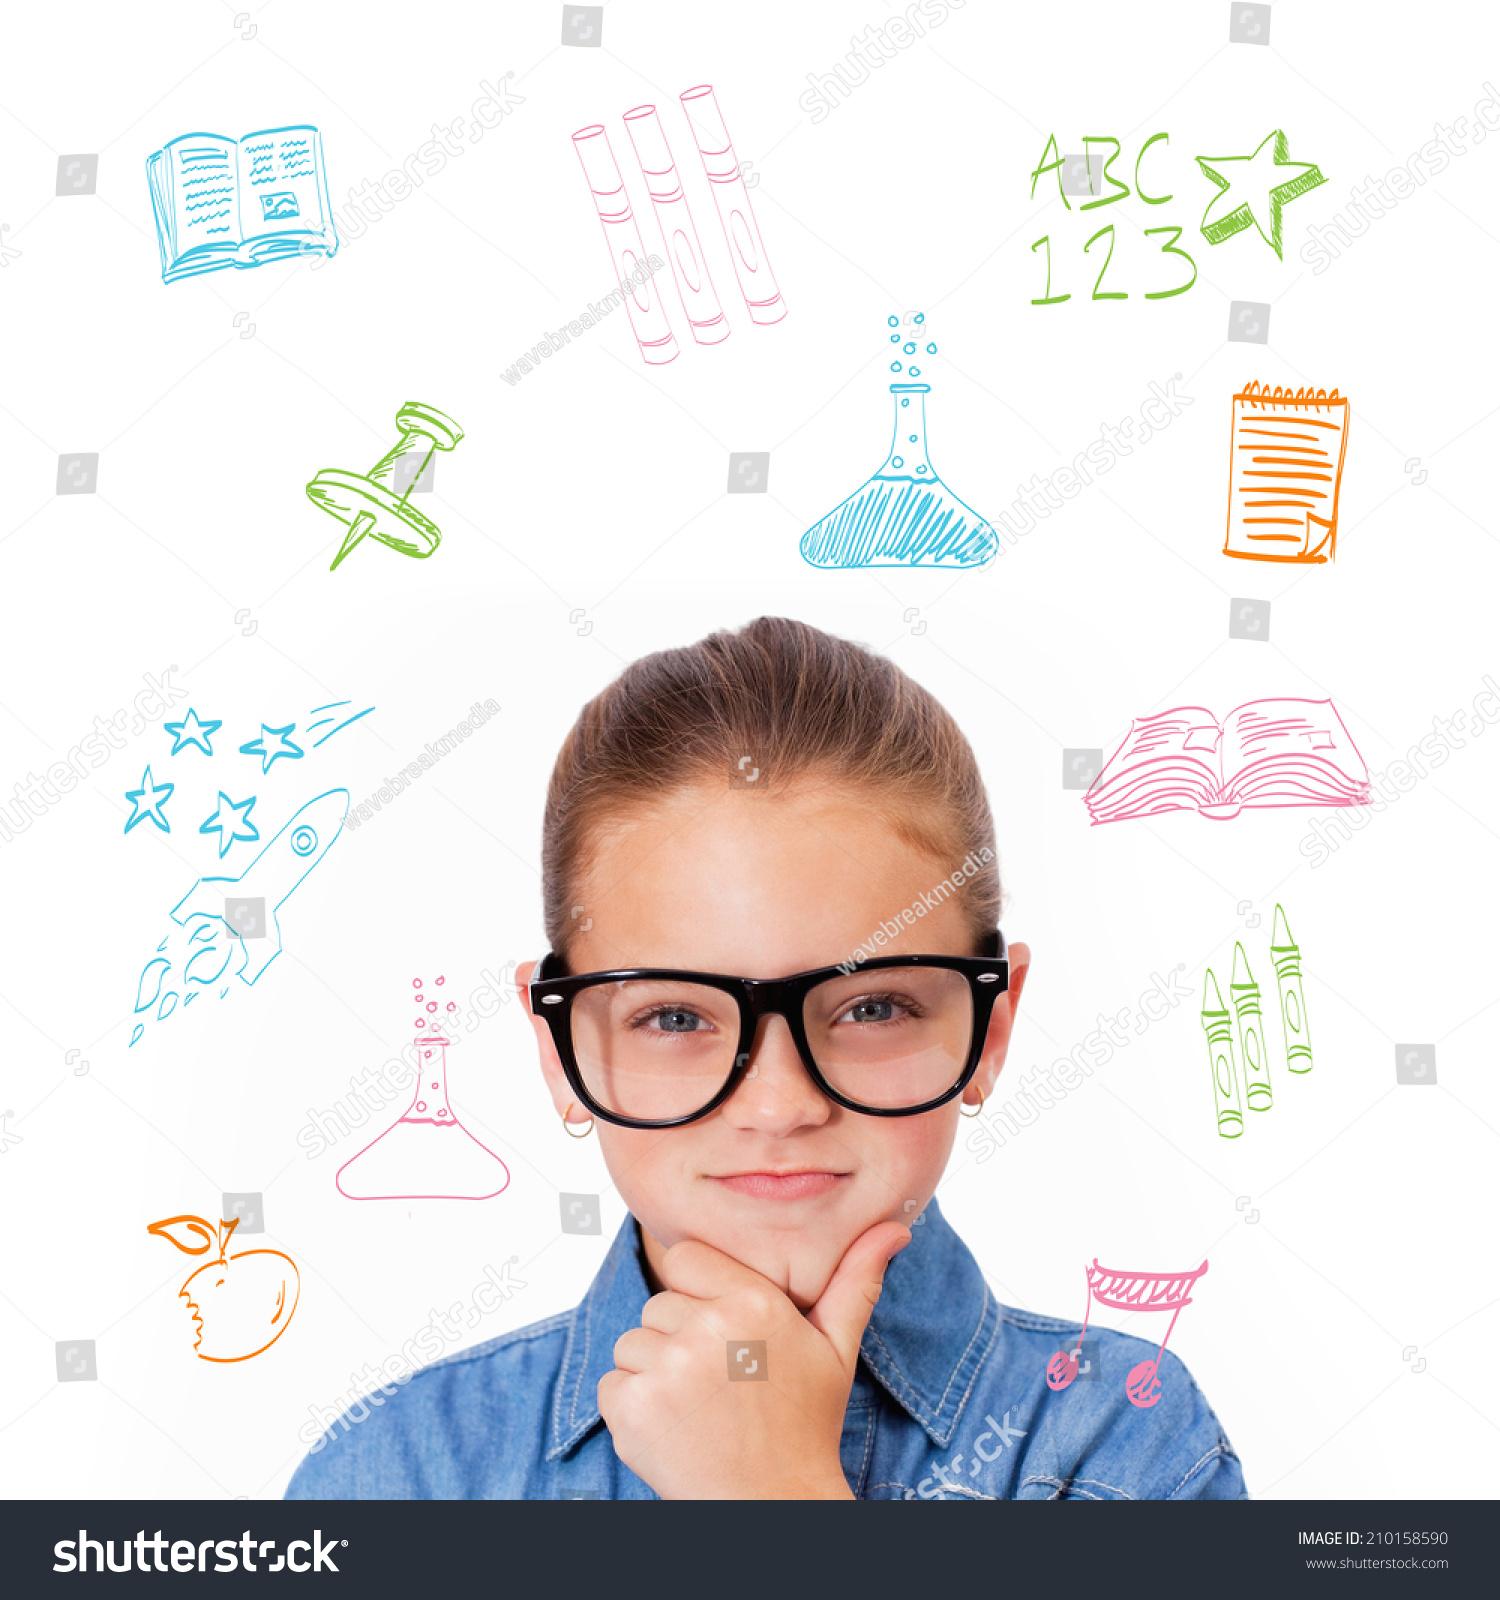 可爱的小学生思维对学习科目的涂鸦-人物,抽象-海洛()